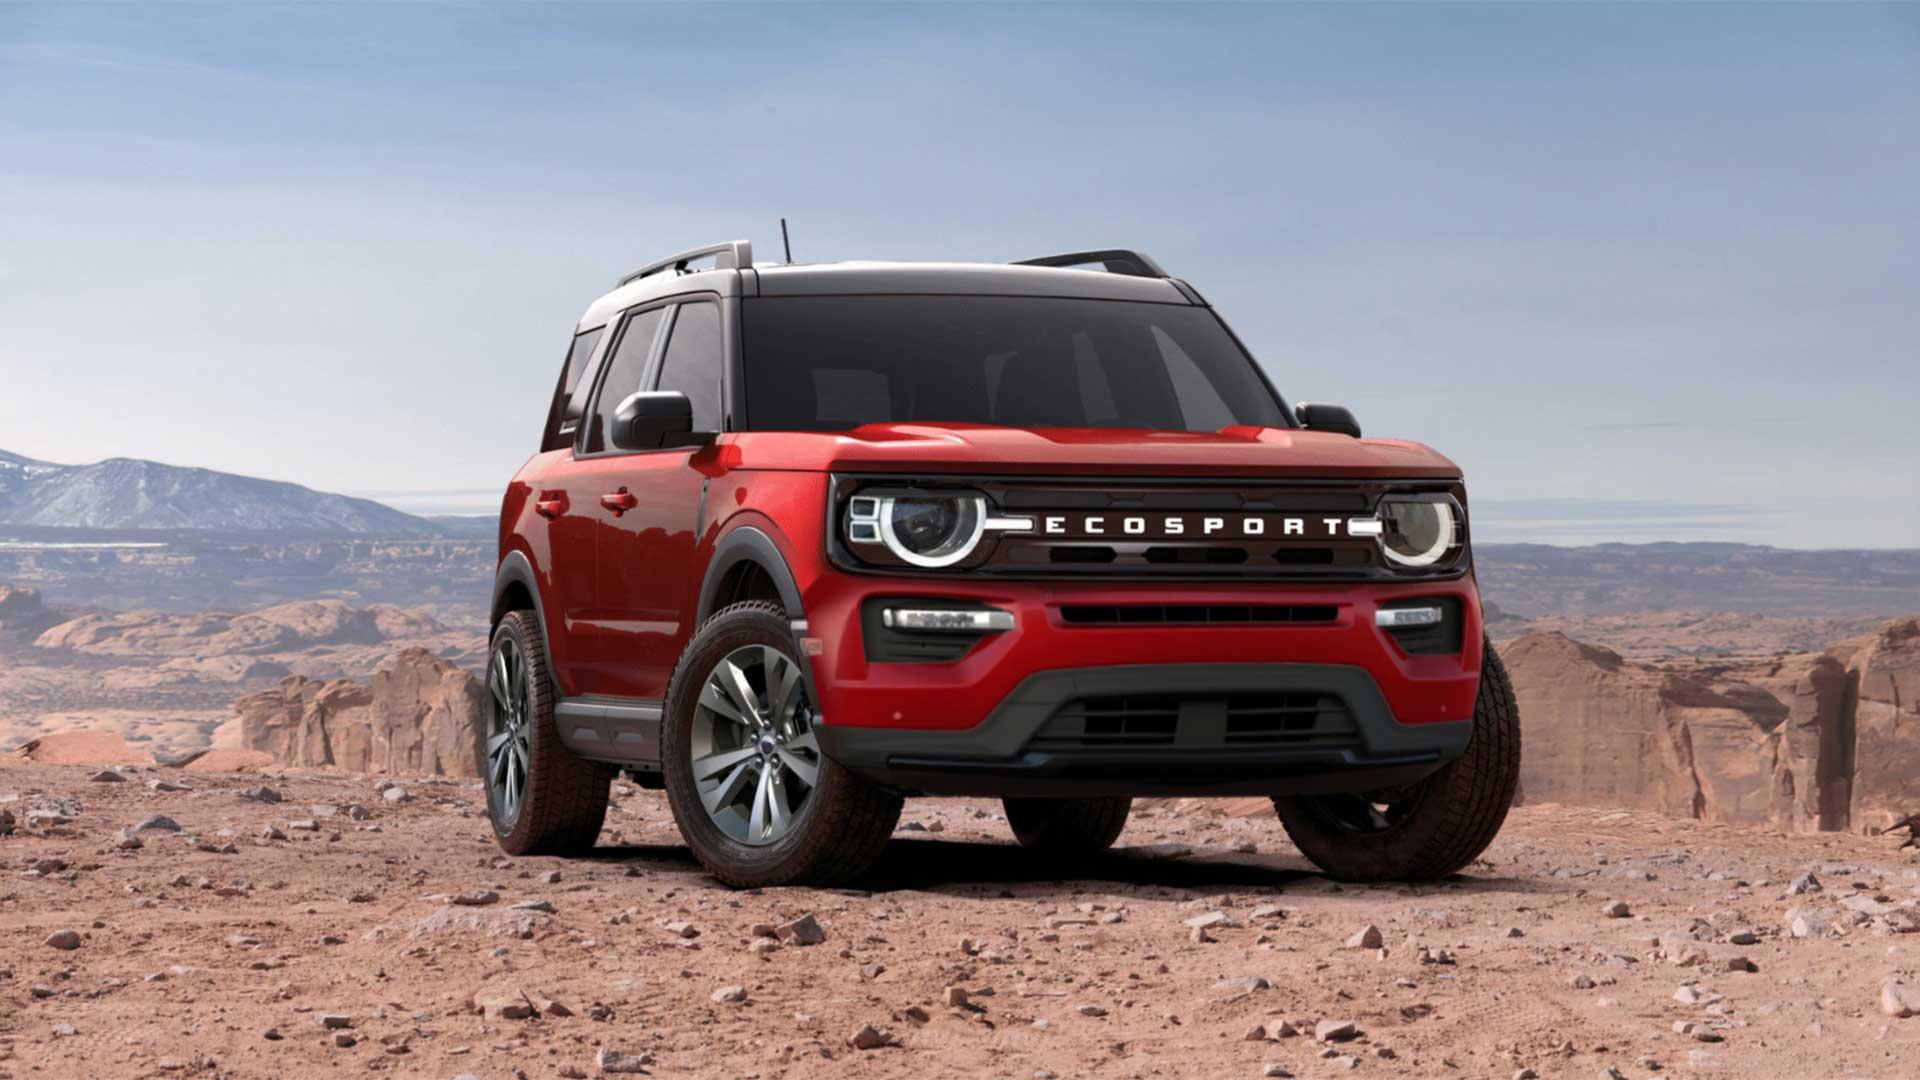 Projeção propõe EcoSport com visual inspirado no Ford Bronco Sport